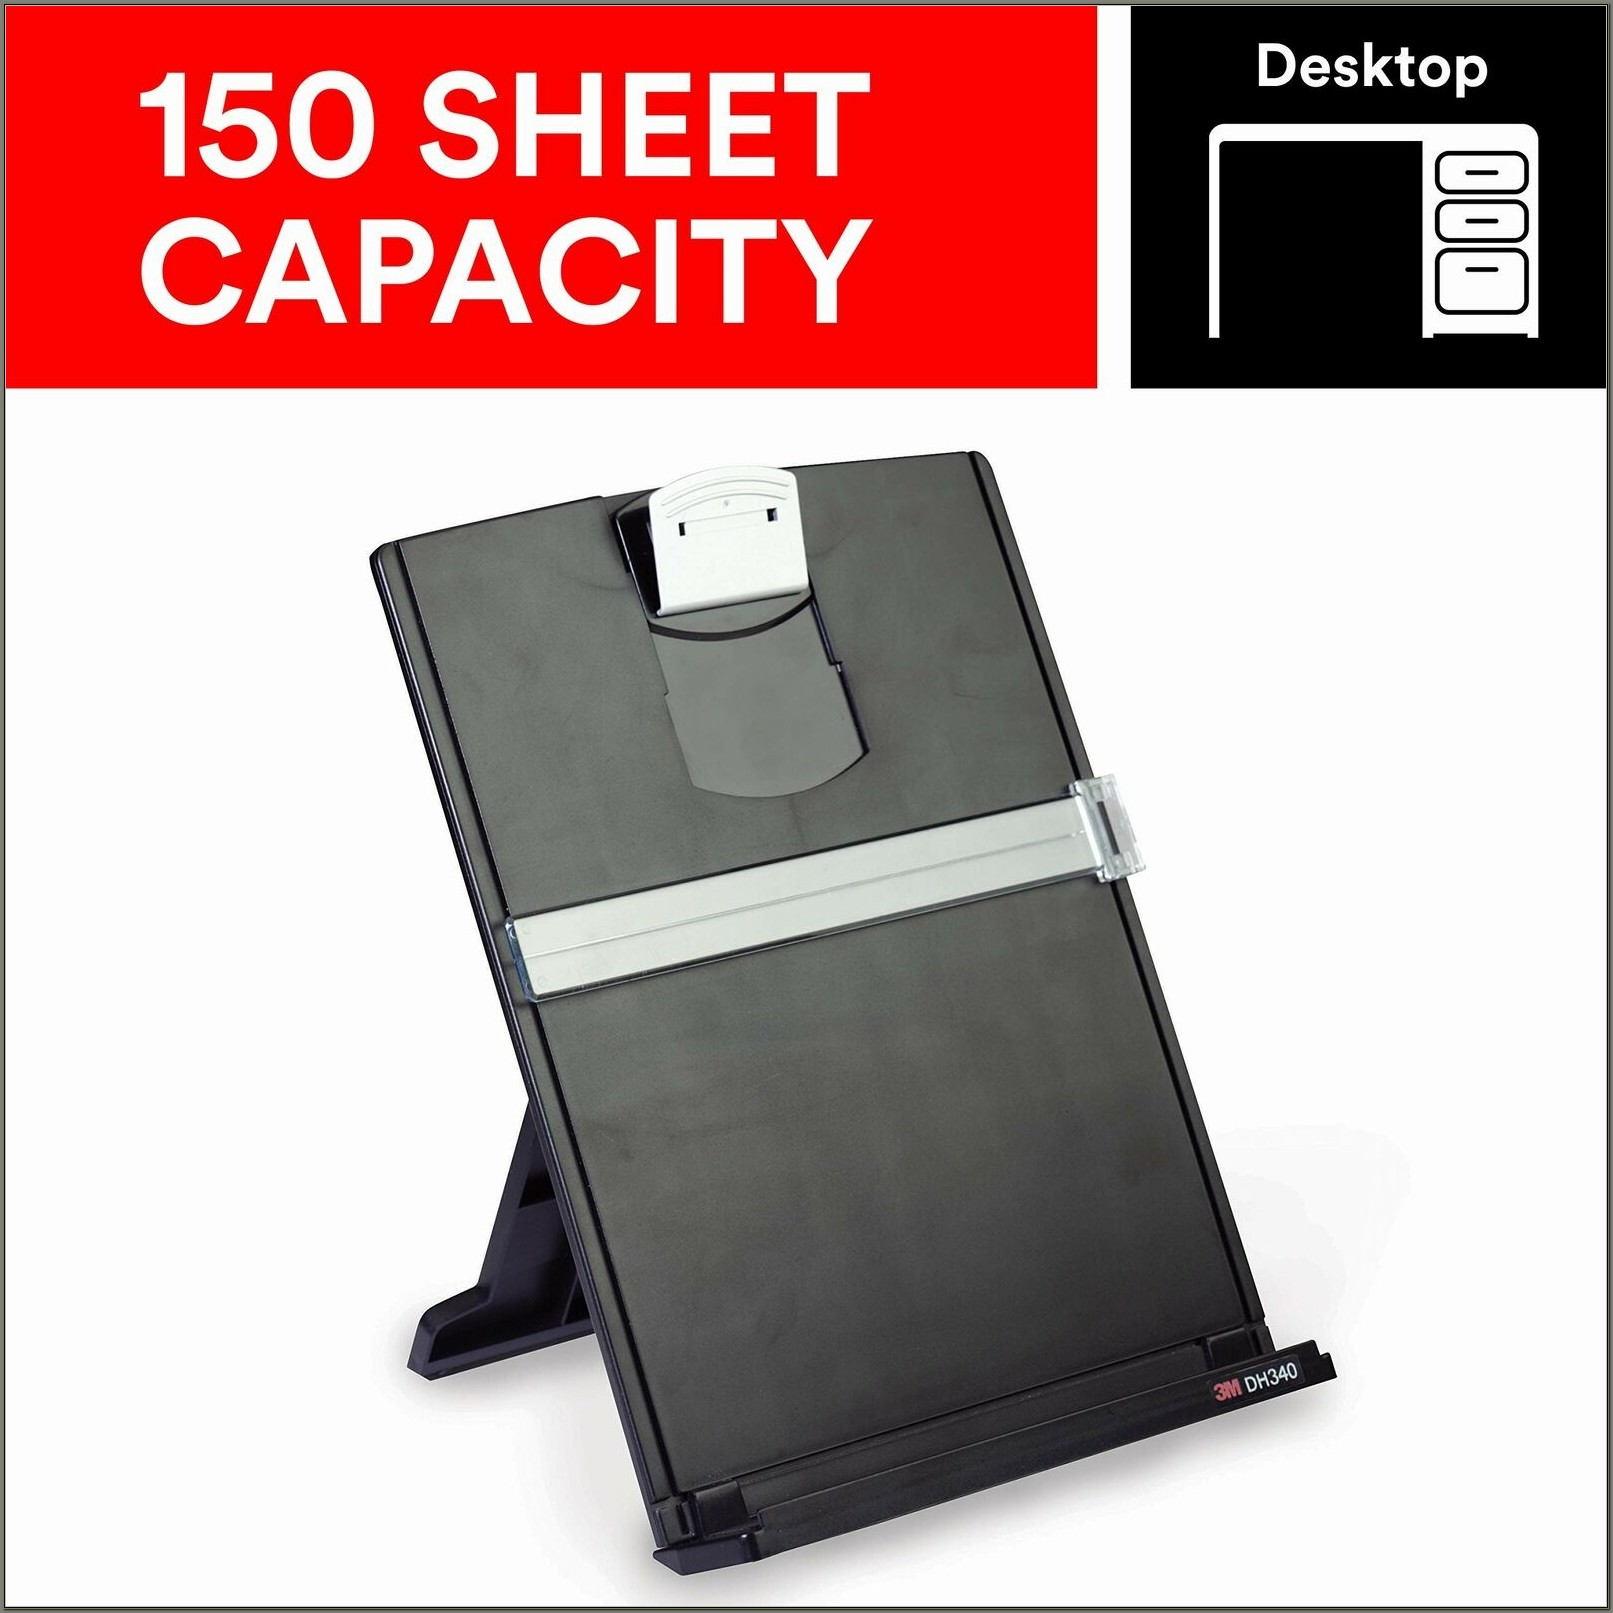 Document Holder For Desktop